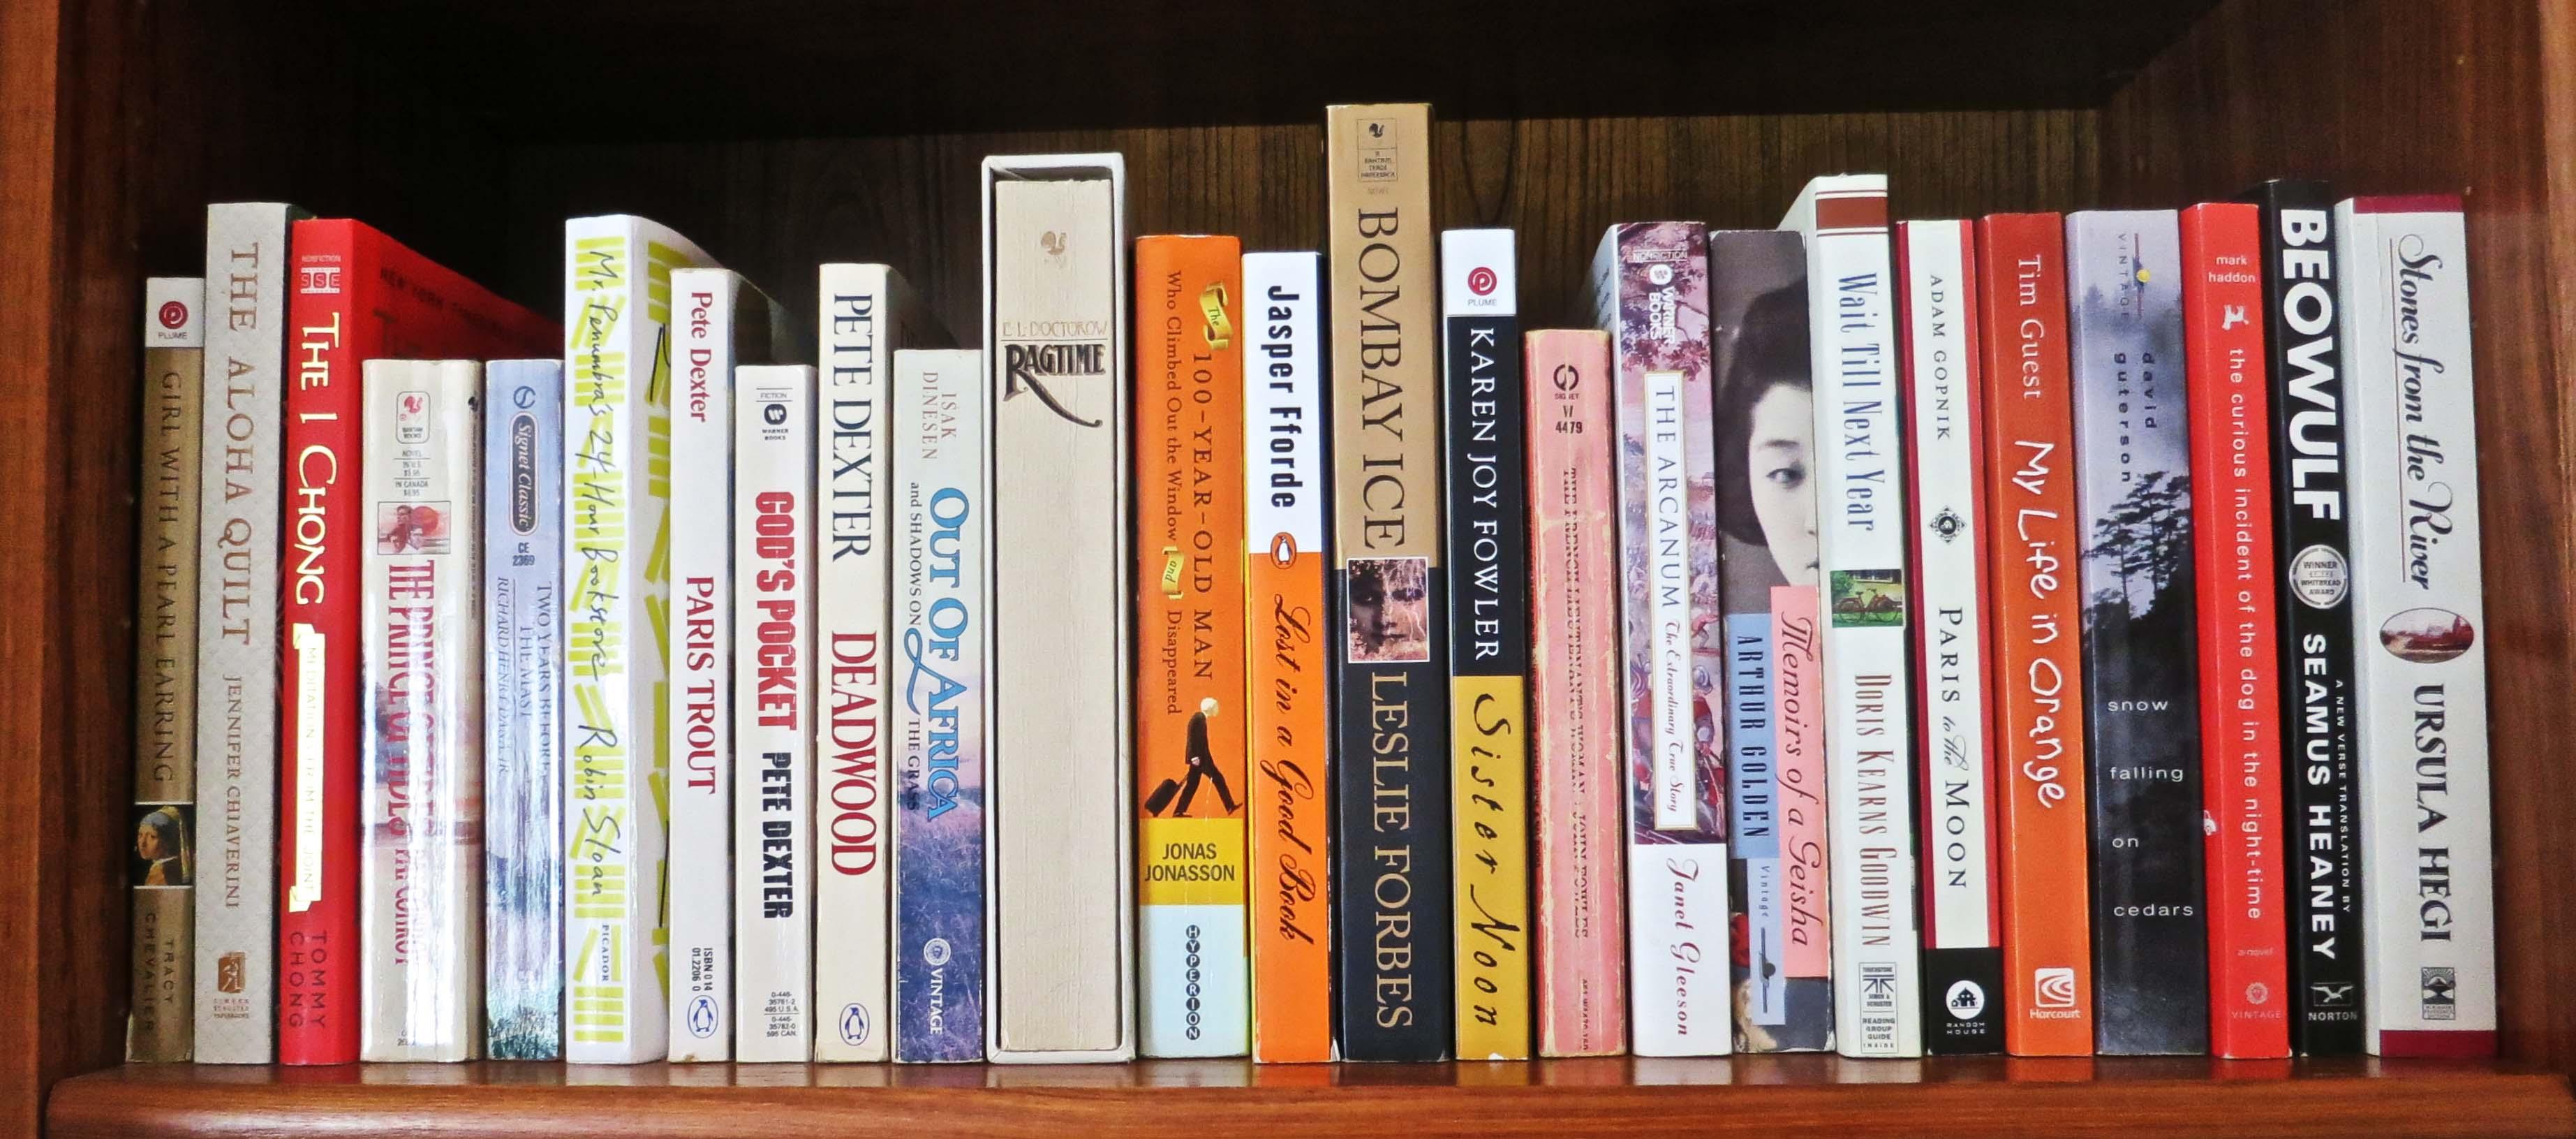 A final shelf.